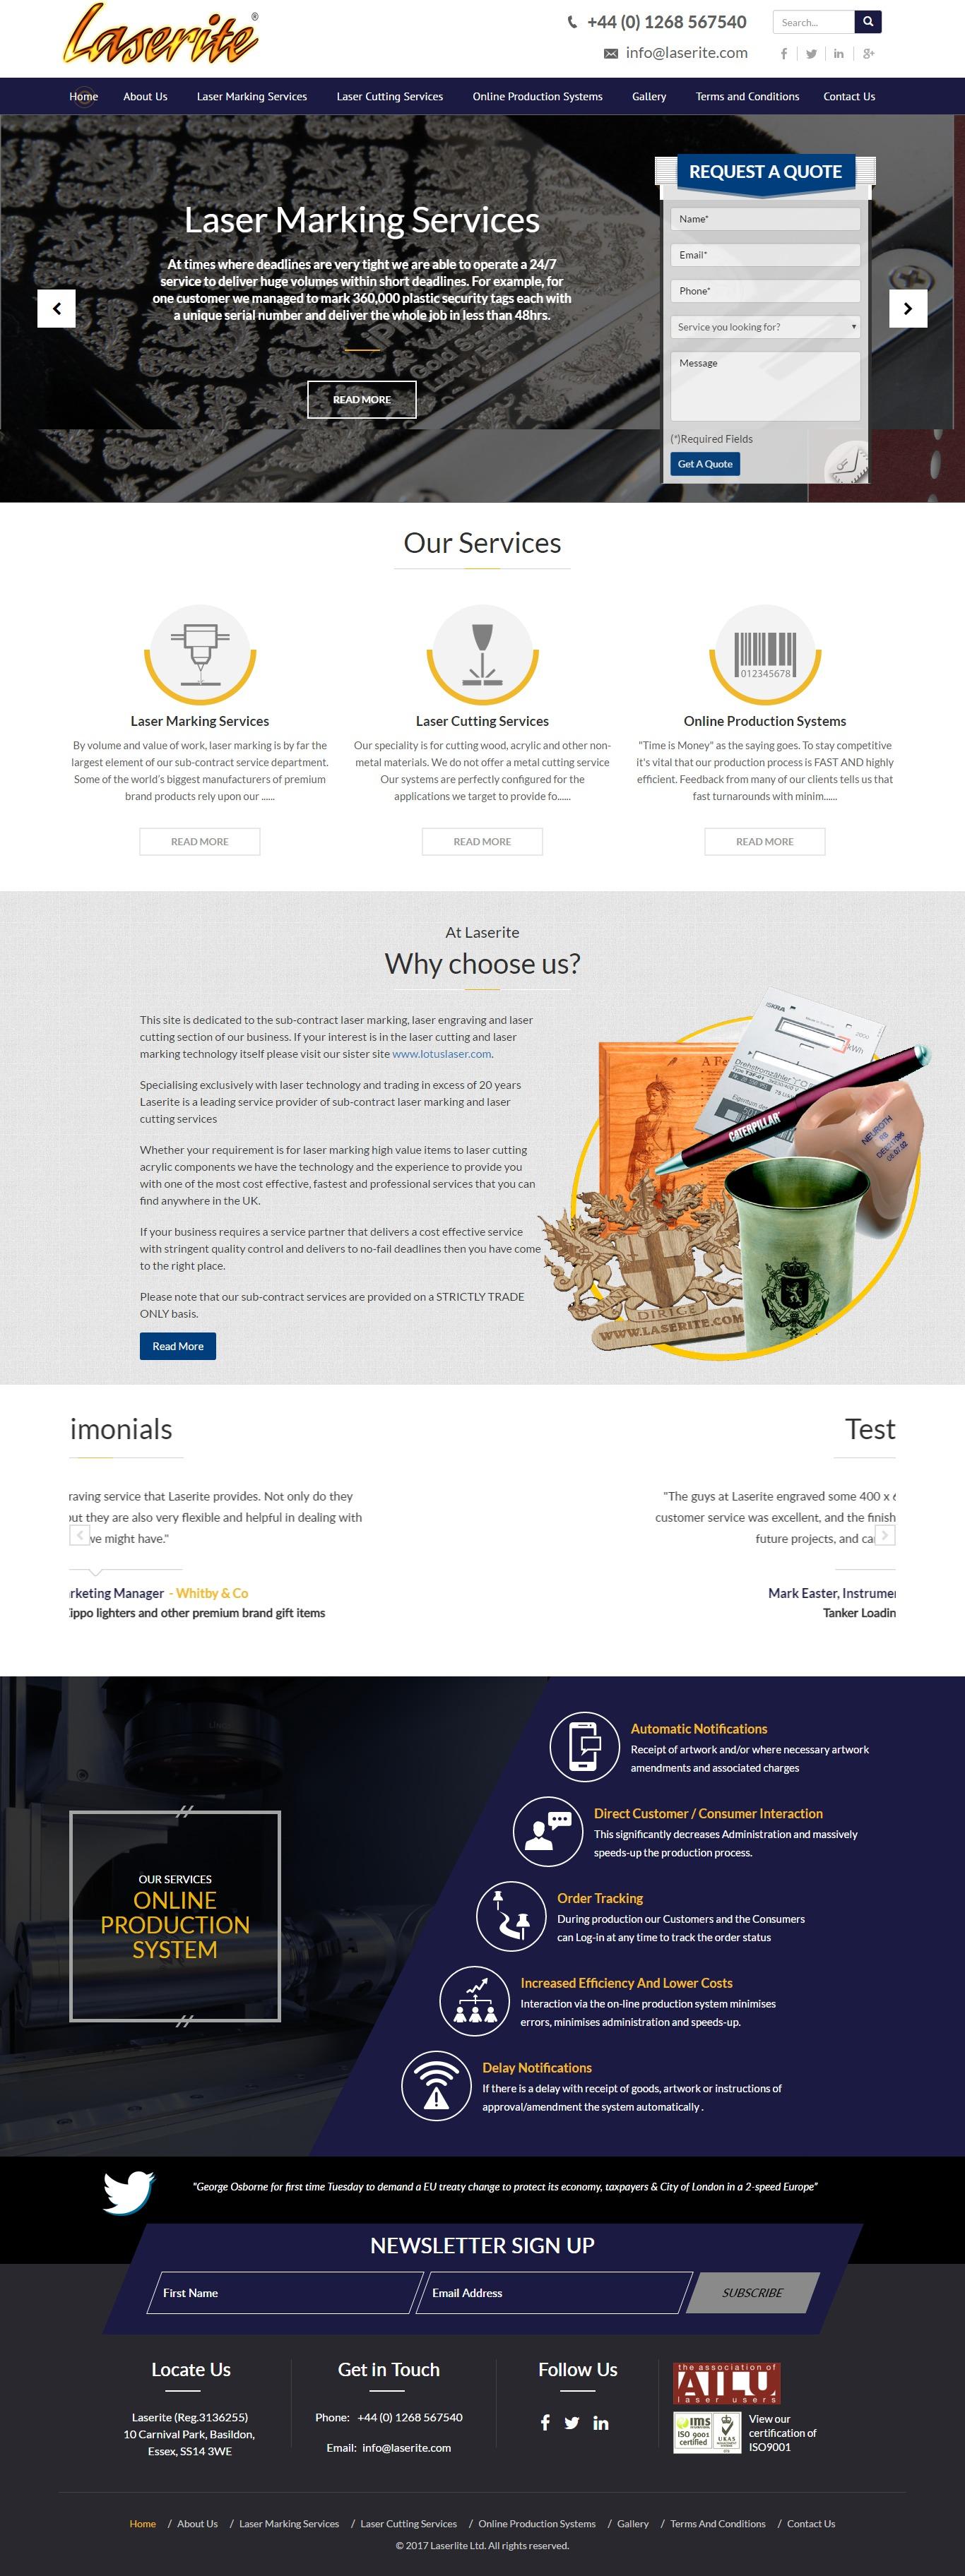 Website for laser marking business